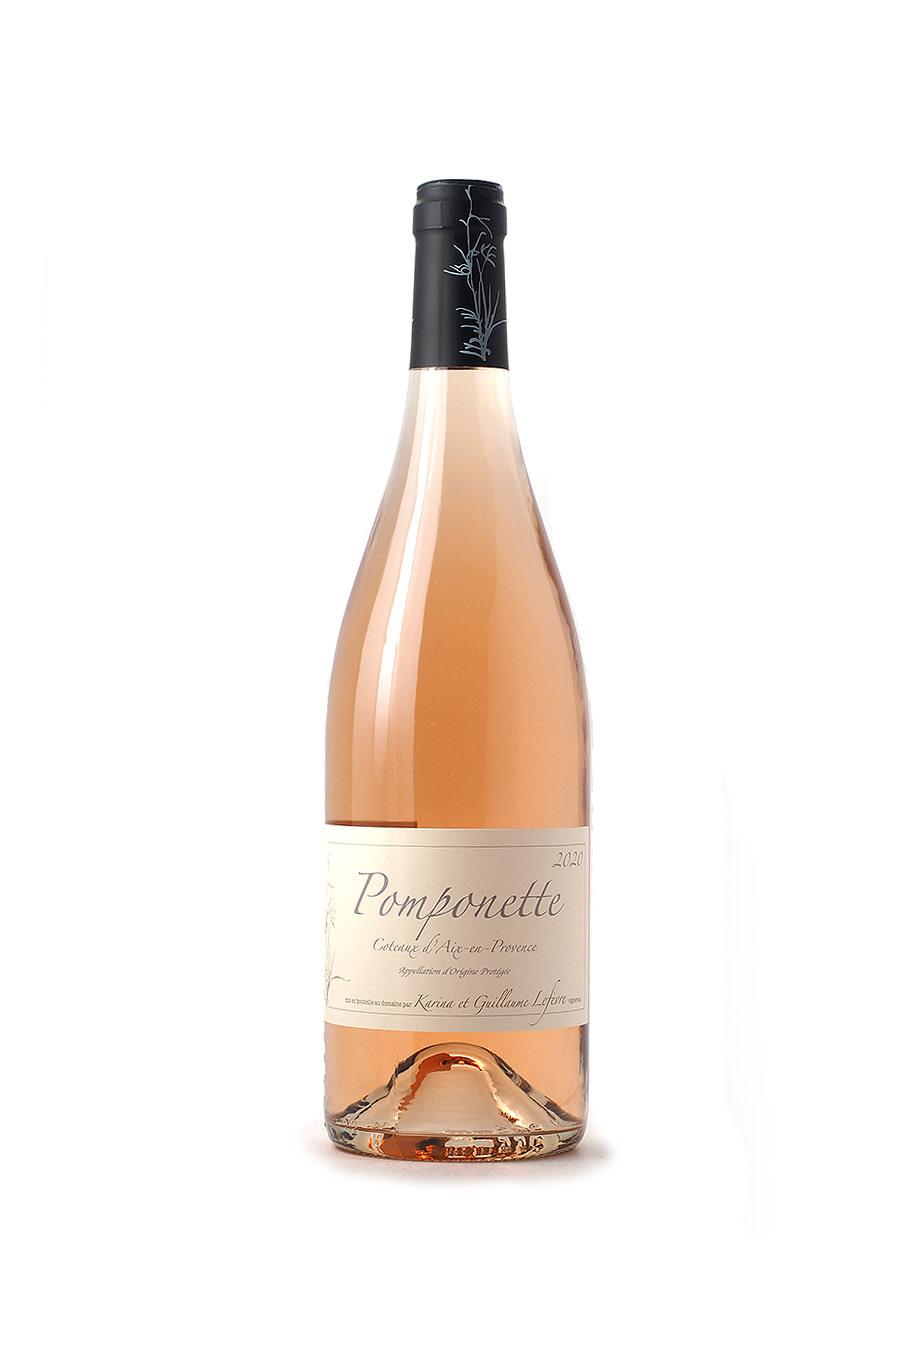 Sulauze Coteaux d'Aix-en-Provence Pomponette Rose 2020